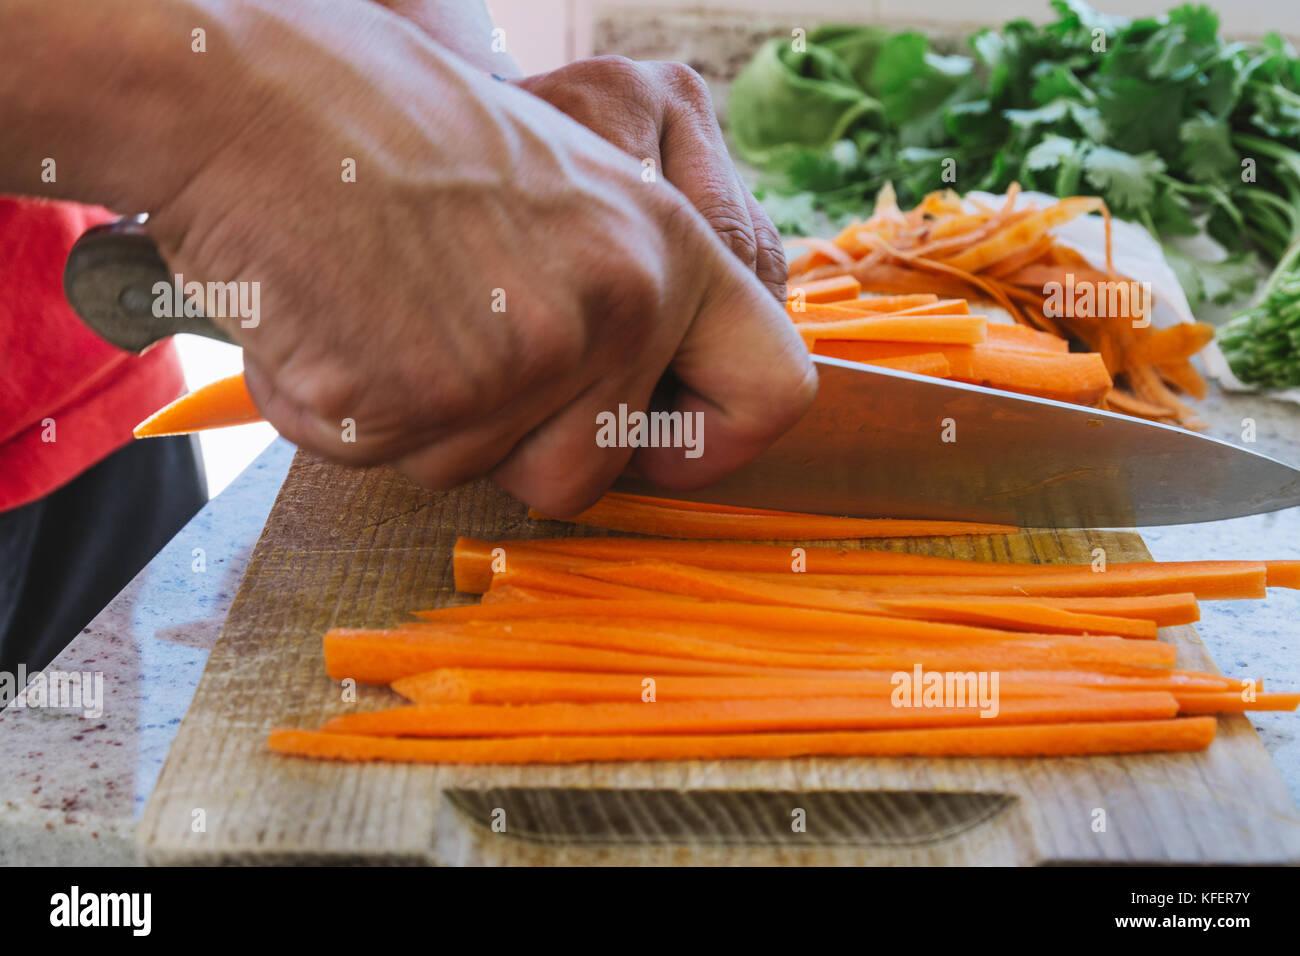 Des Menschen Hande Geschnitten Karotten Julienne Stil In Der Kuche